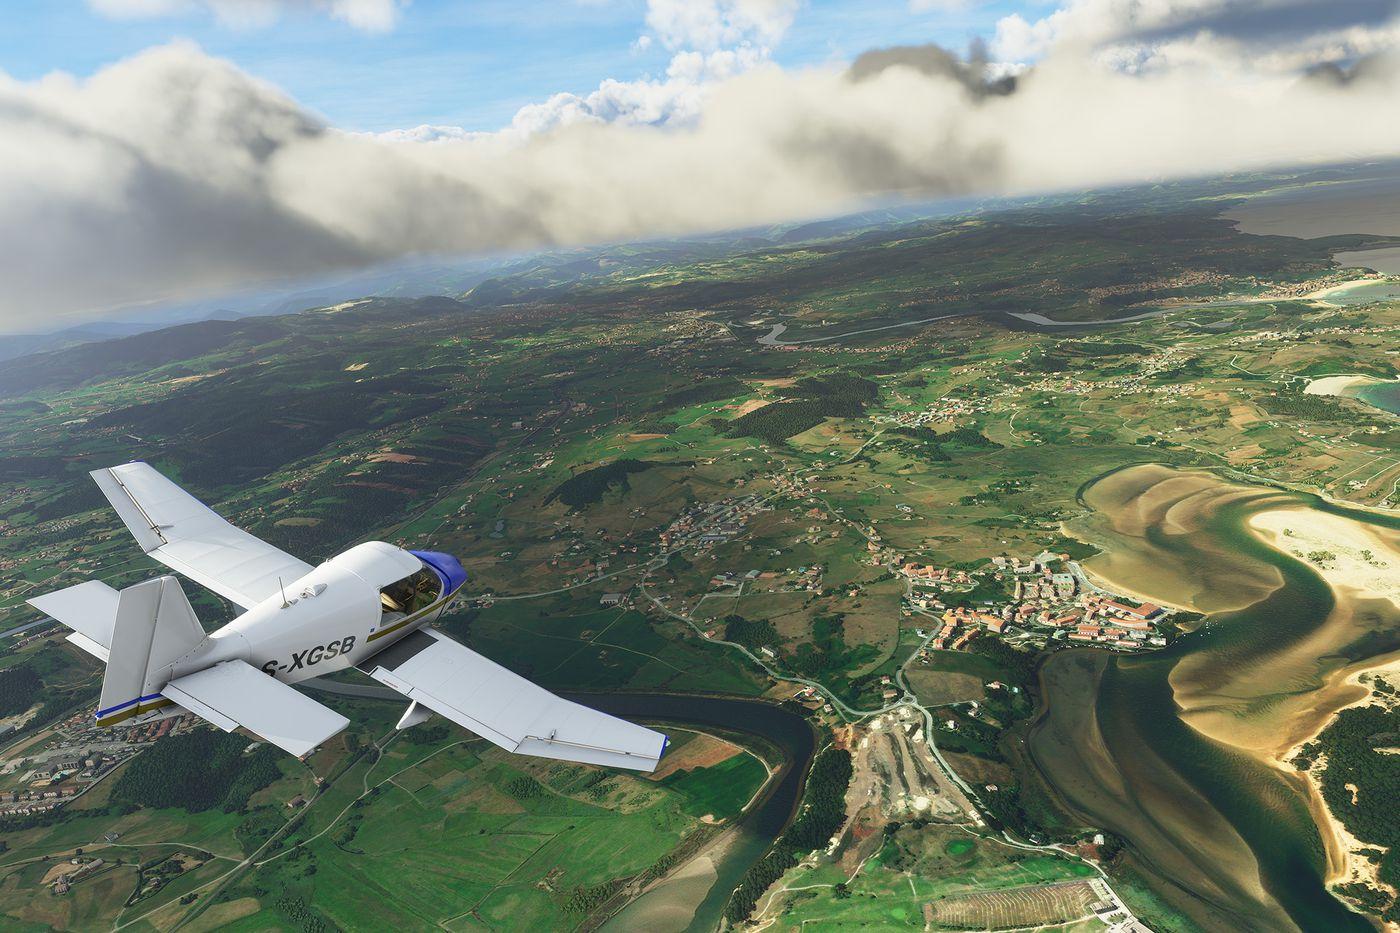 《微软飞行模拟》4K测试:2080Ti只能跑30-40帧